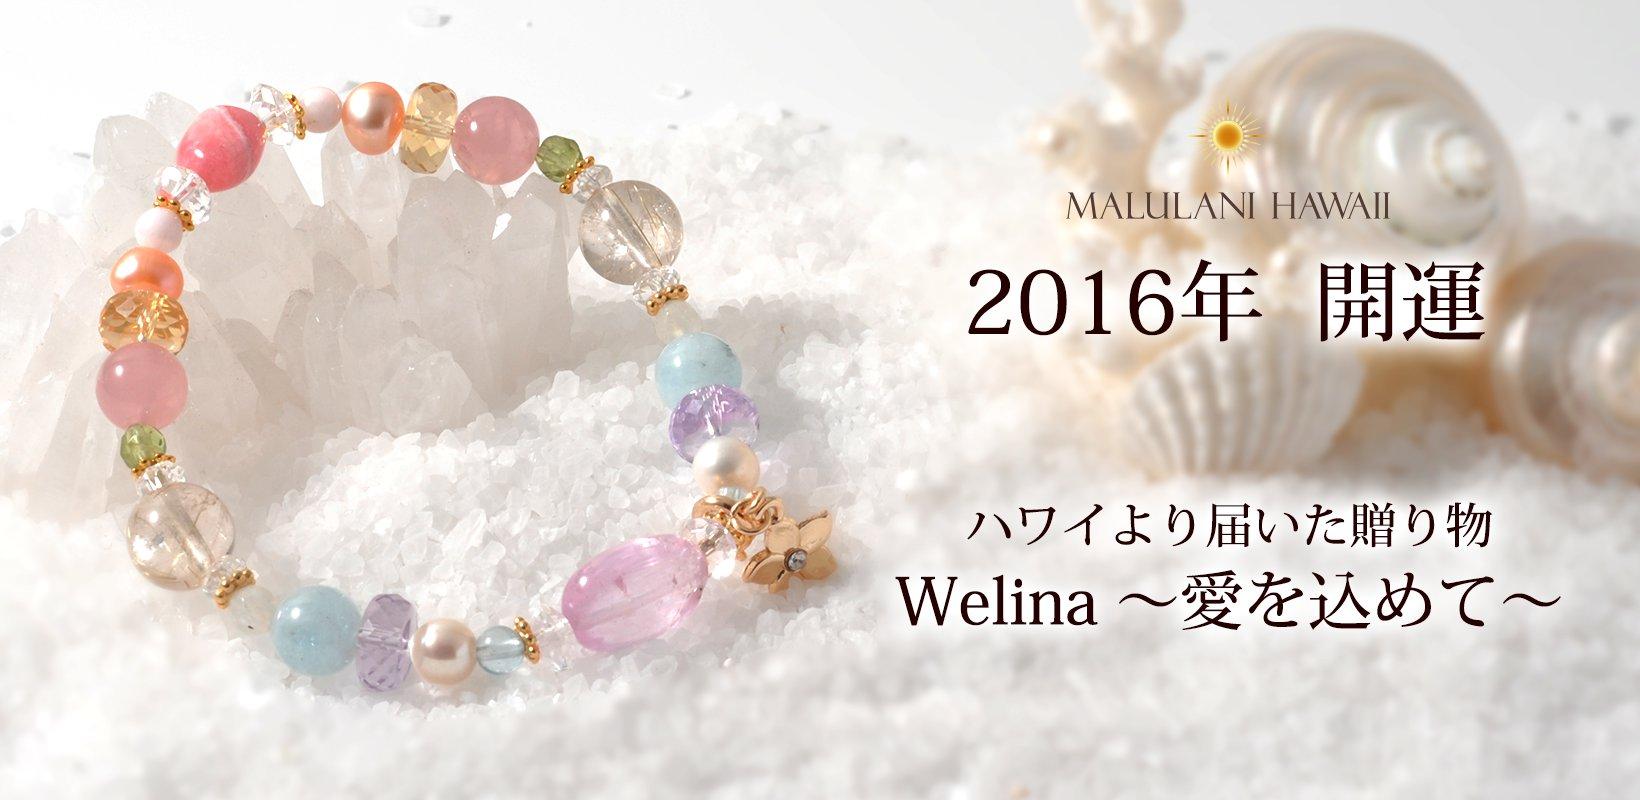 〔2016開運〕 Welina 〜愛を込めて〜/総合運